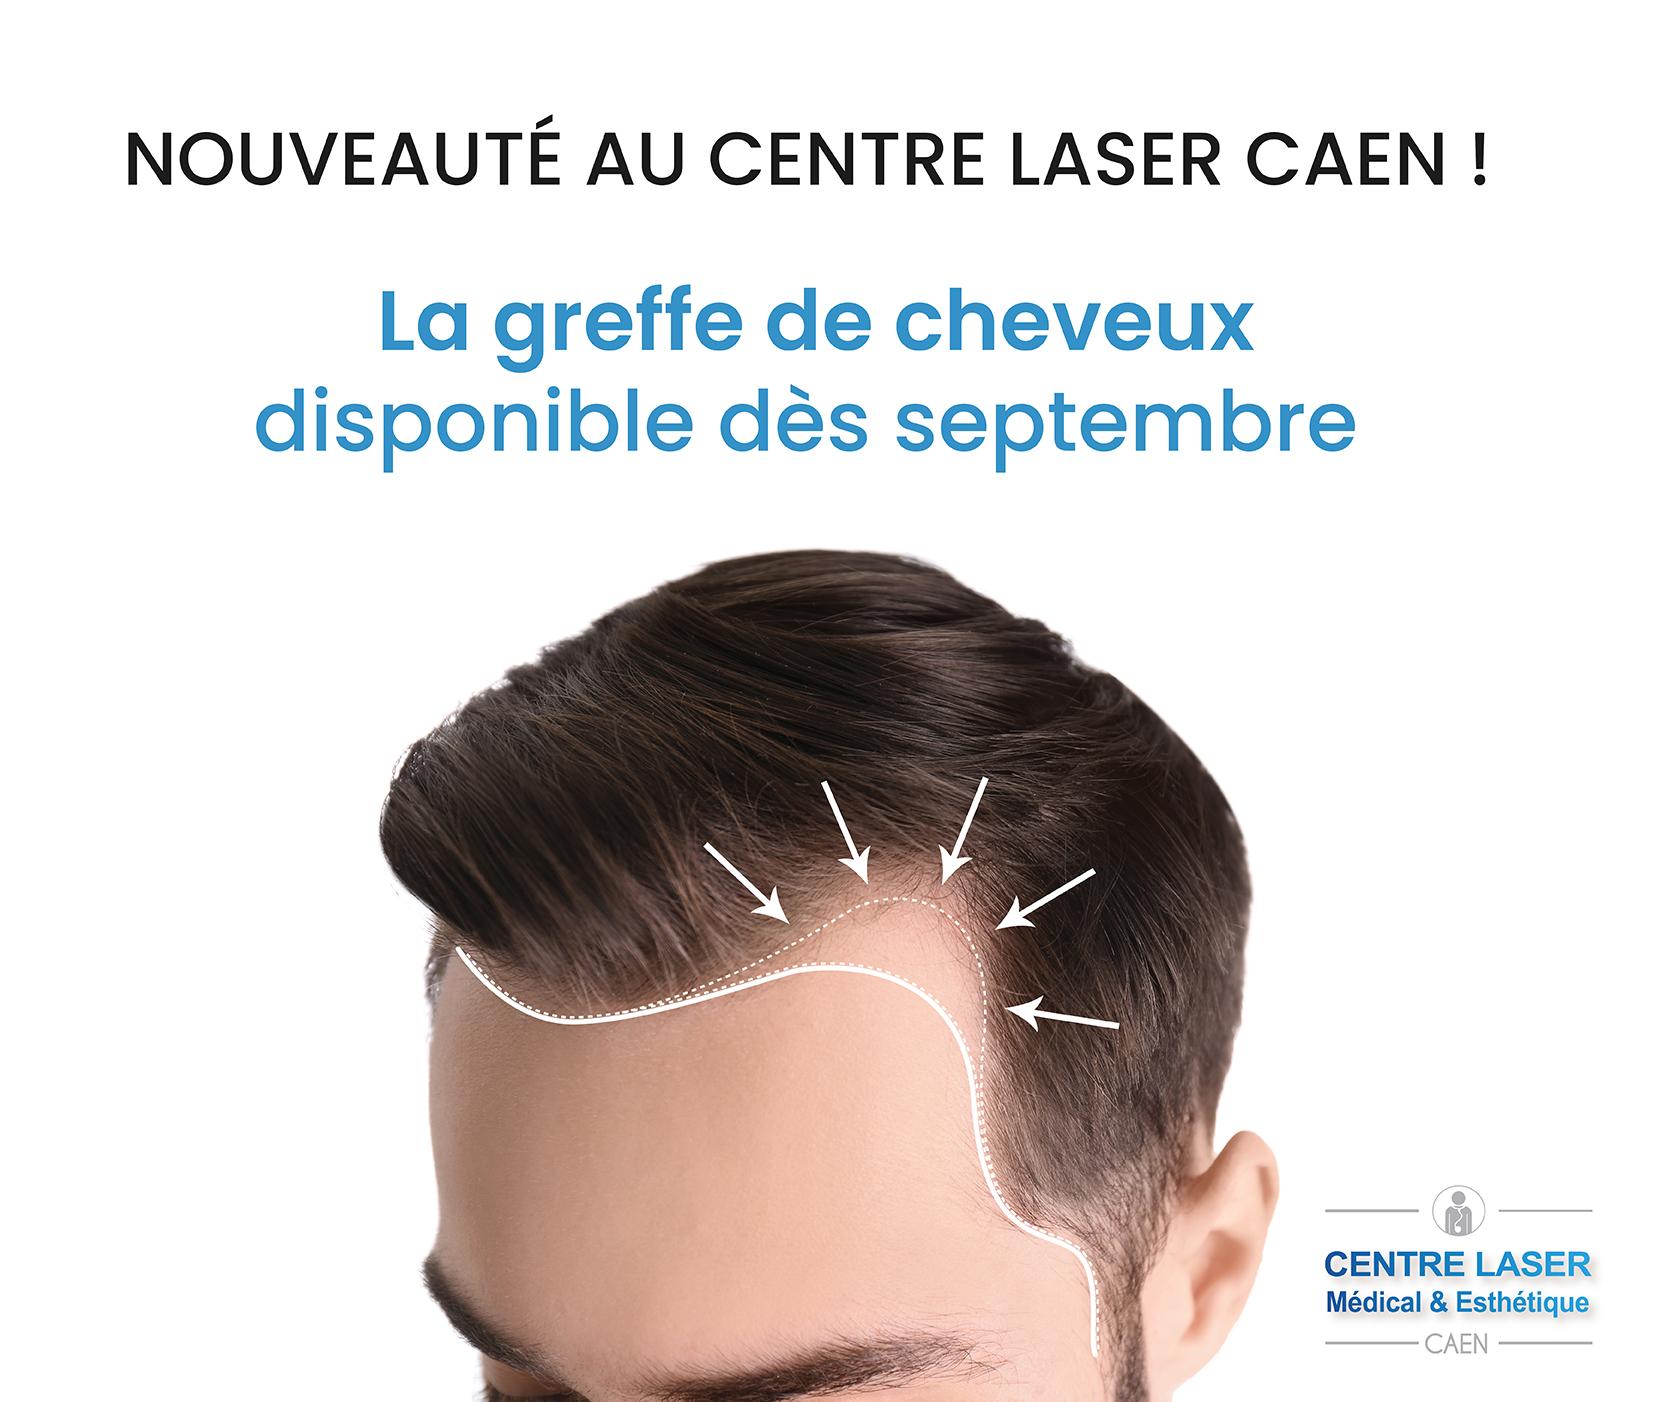 greffe de cheveux caen centre laser